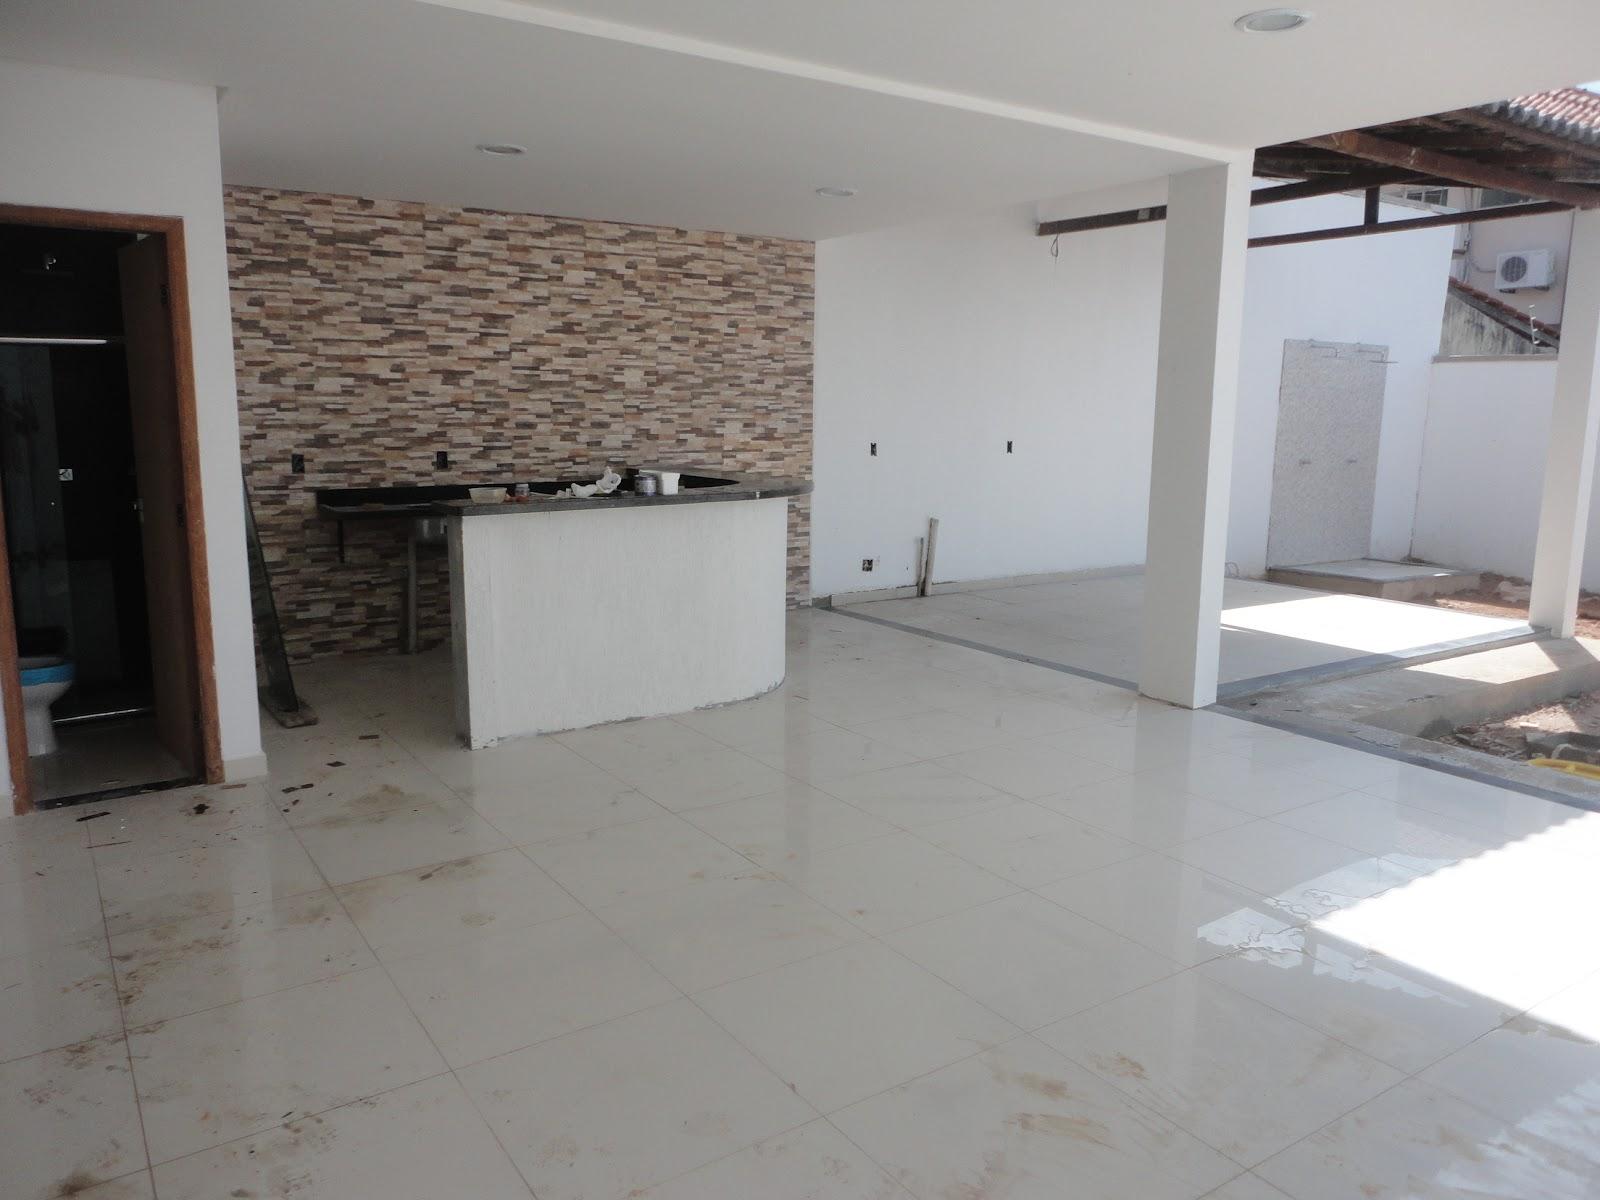 quinta feira 10 de maio de 2012 #5E4A40 1600x1200 Balança De Banheiro Em Manaus